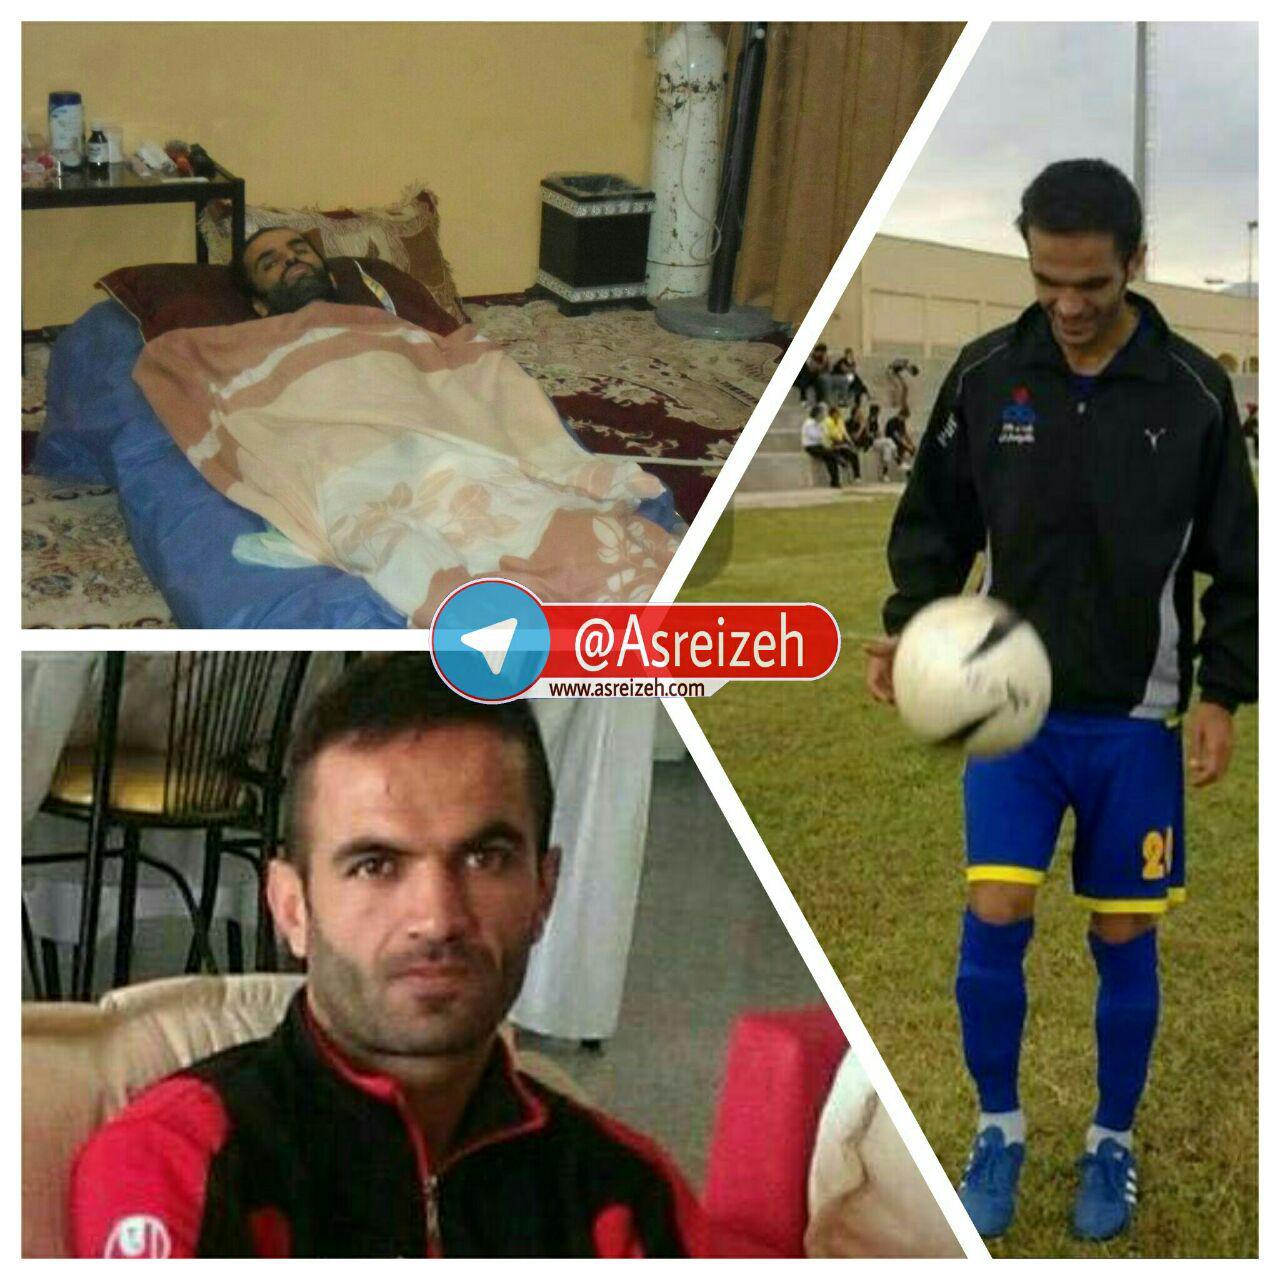 حادثهای تلخ  فوتبالیست جوان ایذهای را از پا انداخت/ امیدواری حسین به بهبودی در کنار حمایت مسئولین